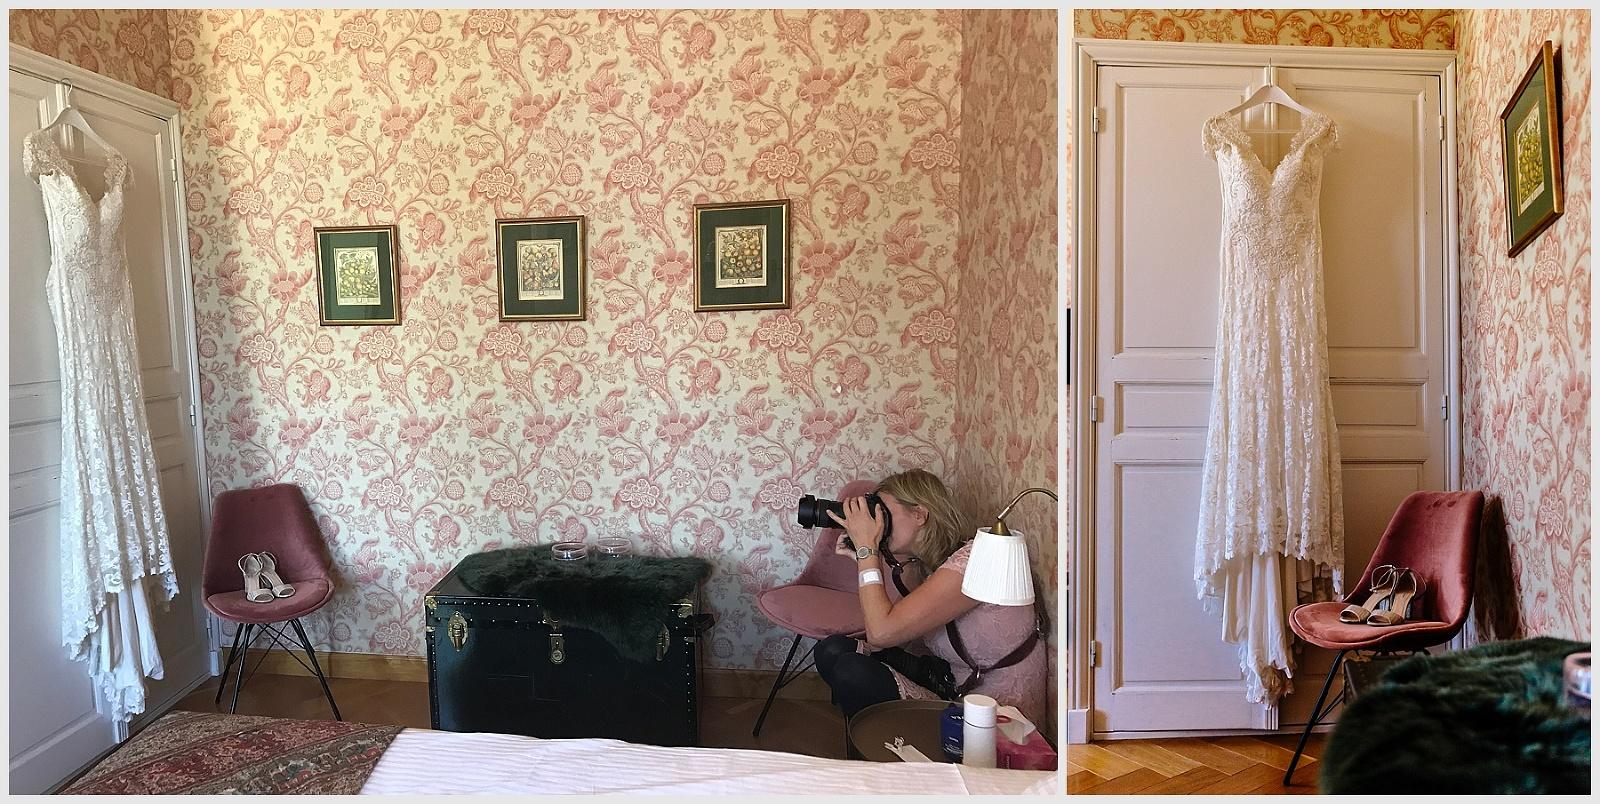 Werkwijze trouwfotograaf, trouwen in 2019, bruidsfotografie, trouwfotograaf, foto's bruiloft, bruid, bruidegom